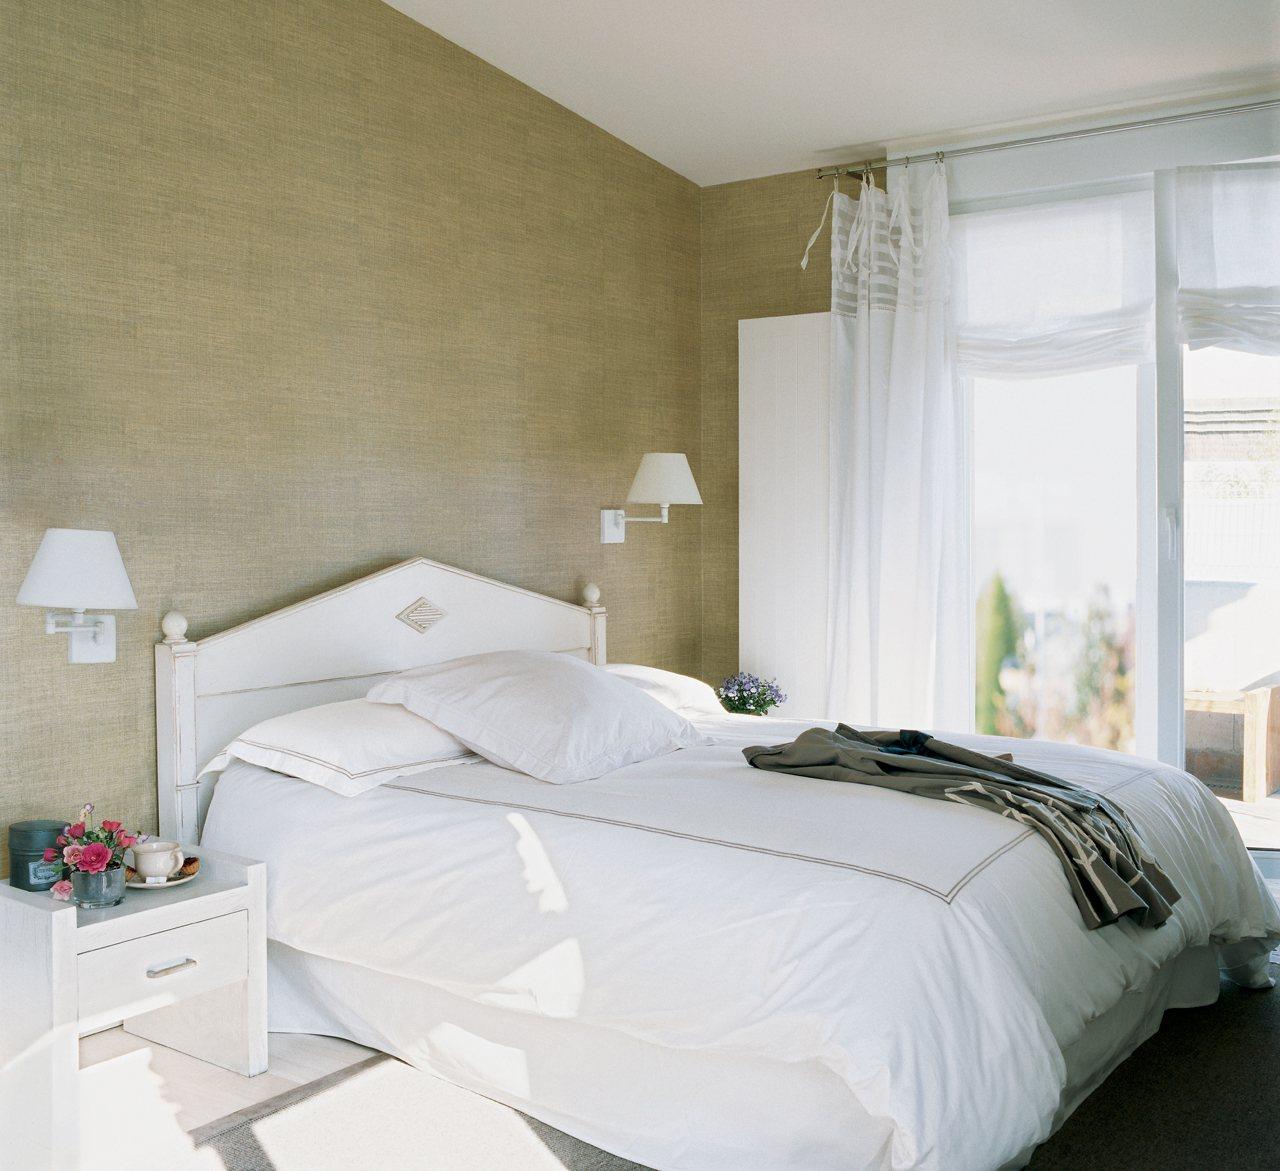 dormitorio con cabecero blanco zona de cama